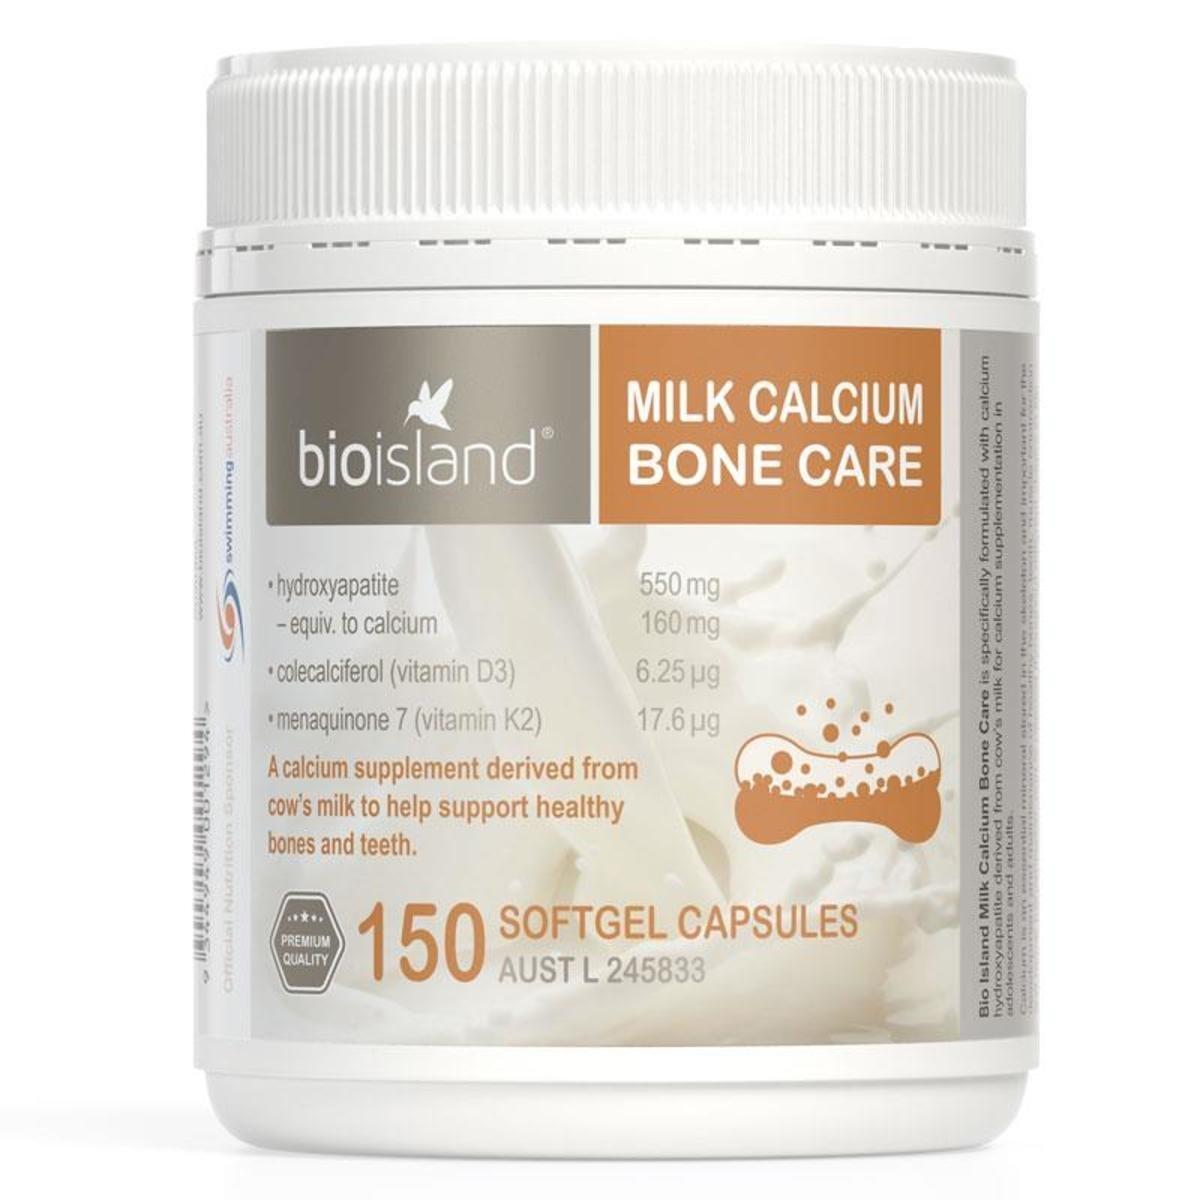 MILK CALCIUM BONE CARE 150capsules